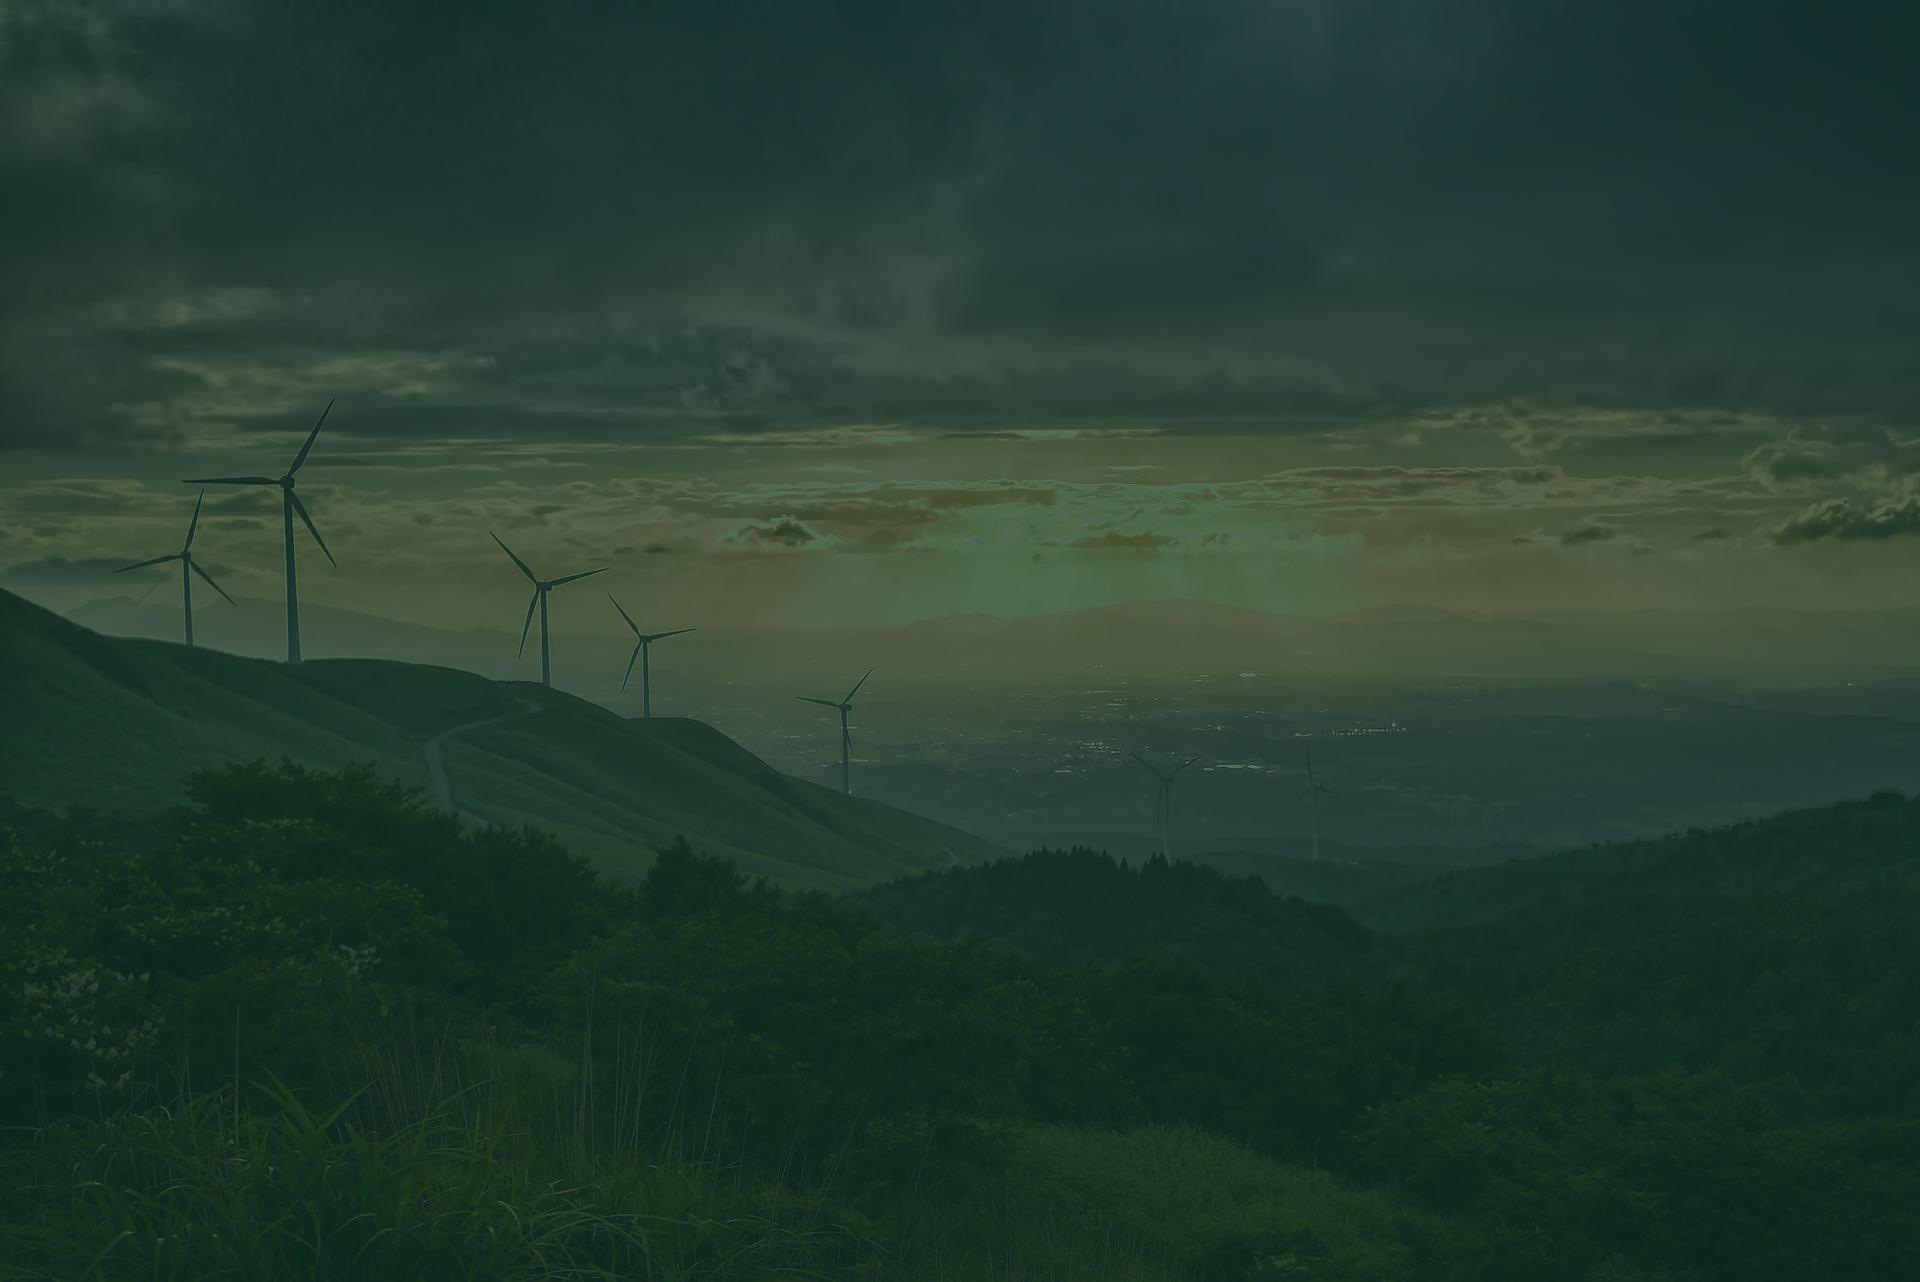 greenfin-capital-renewable-energy-greeen-overlay